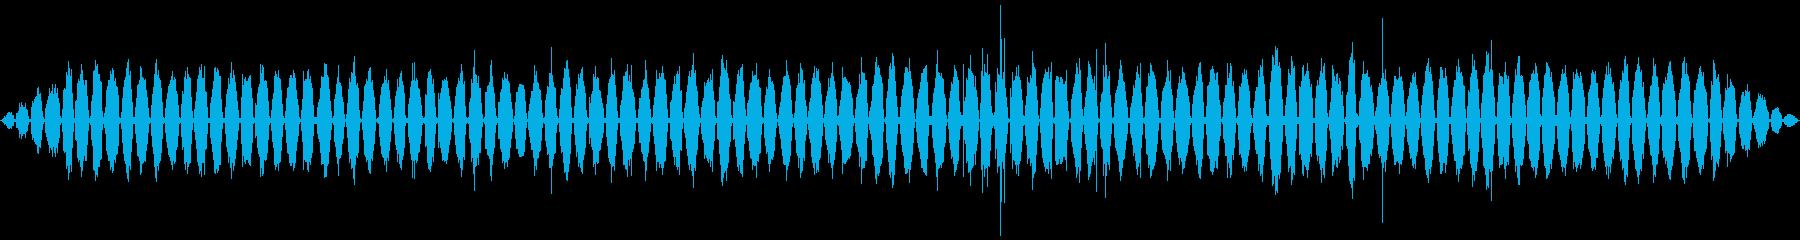 ハンド:スローラフサンディング、建...の再生済みの波形